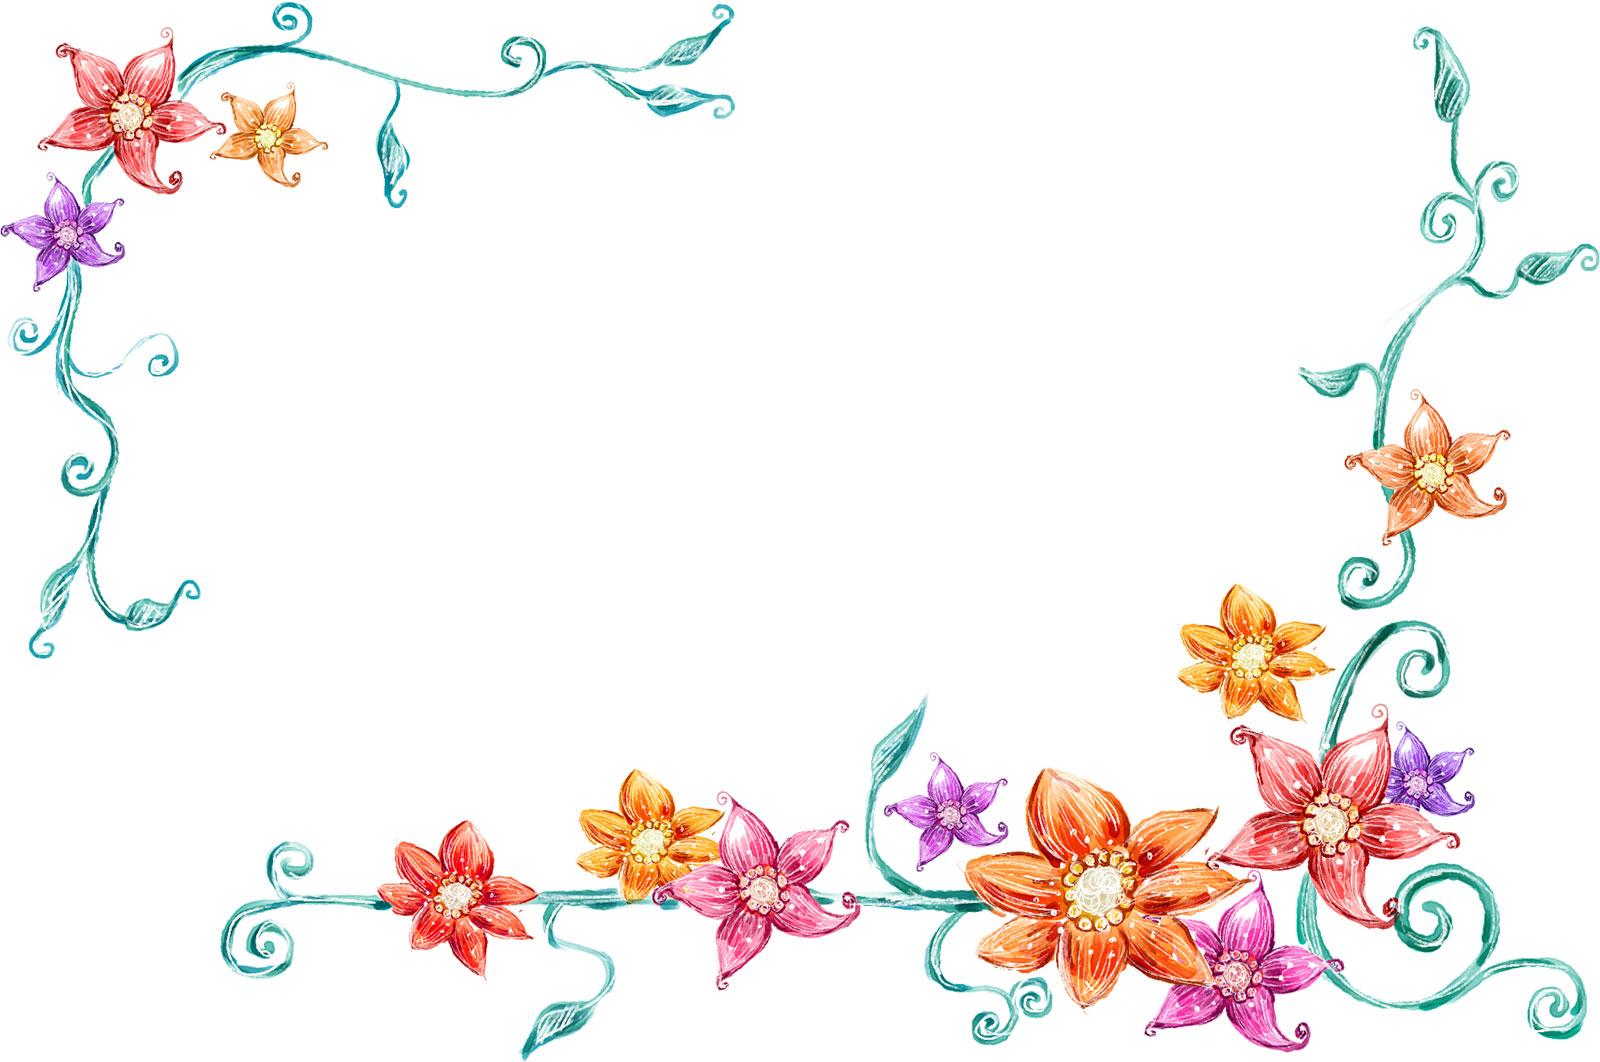 花のイラスト・フリー素材/フレーム枠no.411『手書き風 背景なし』